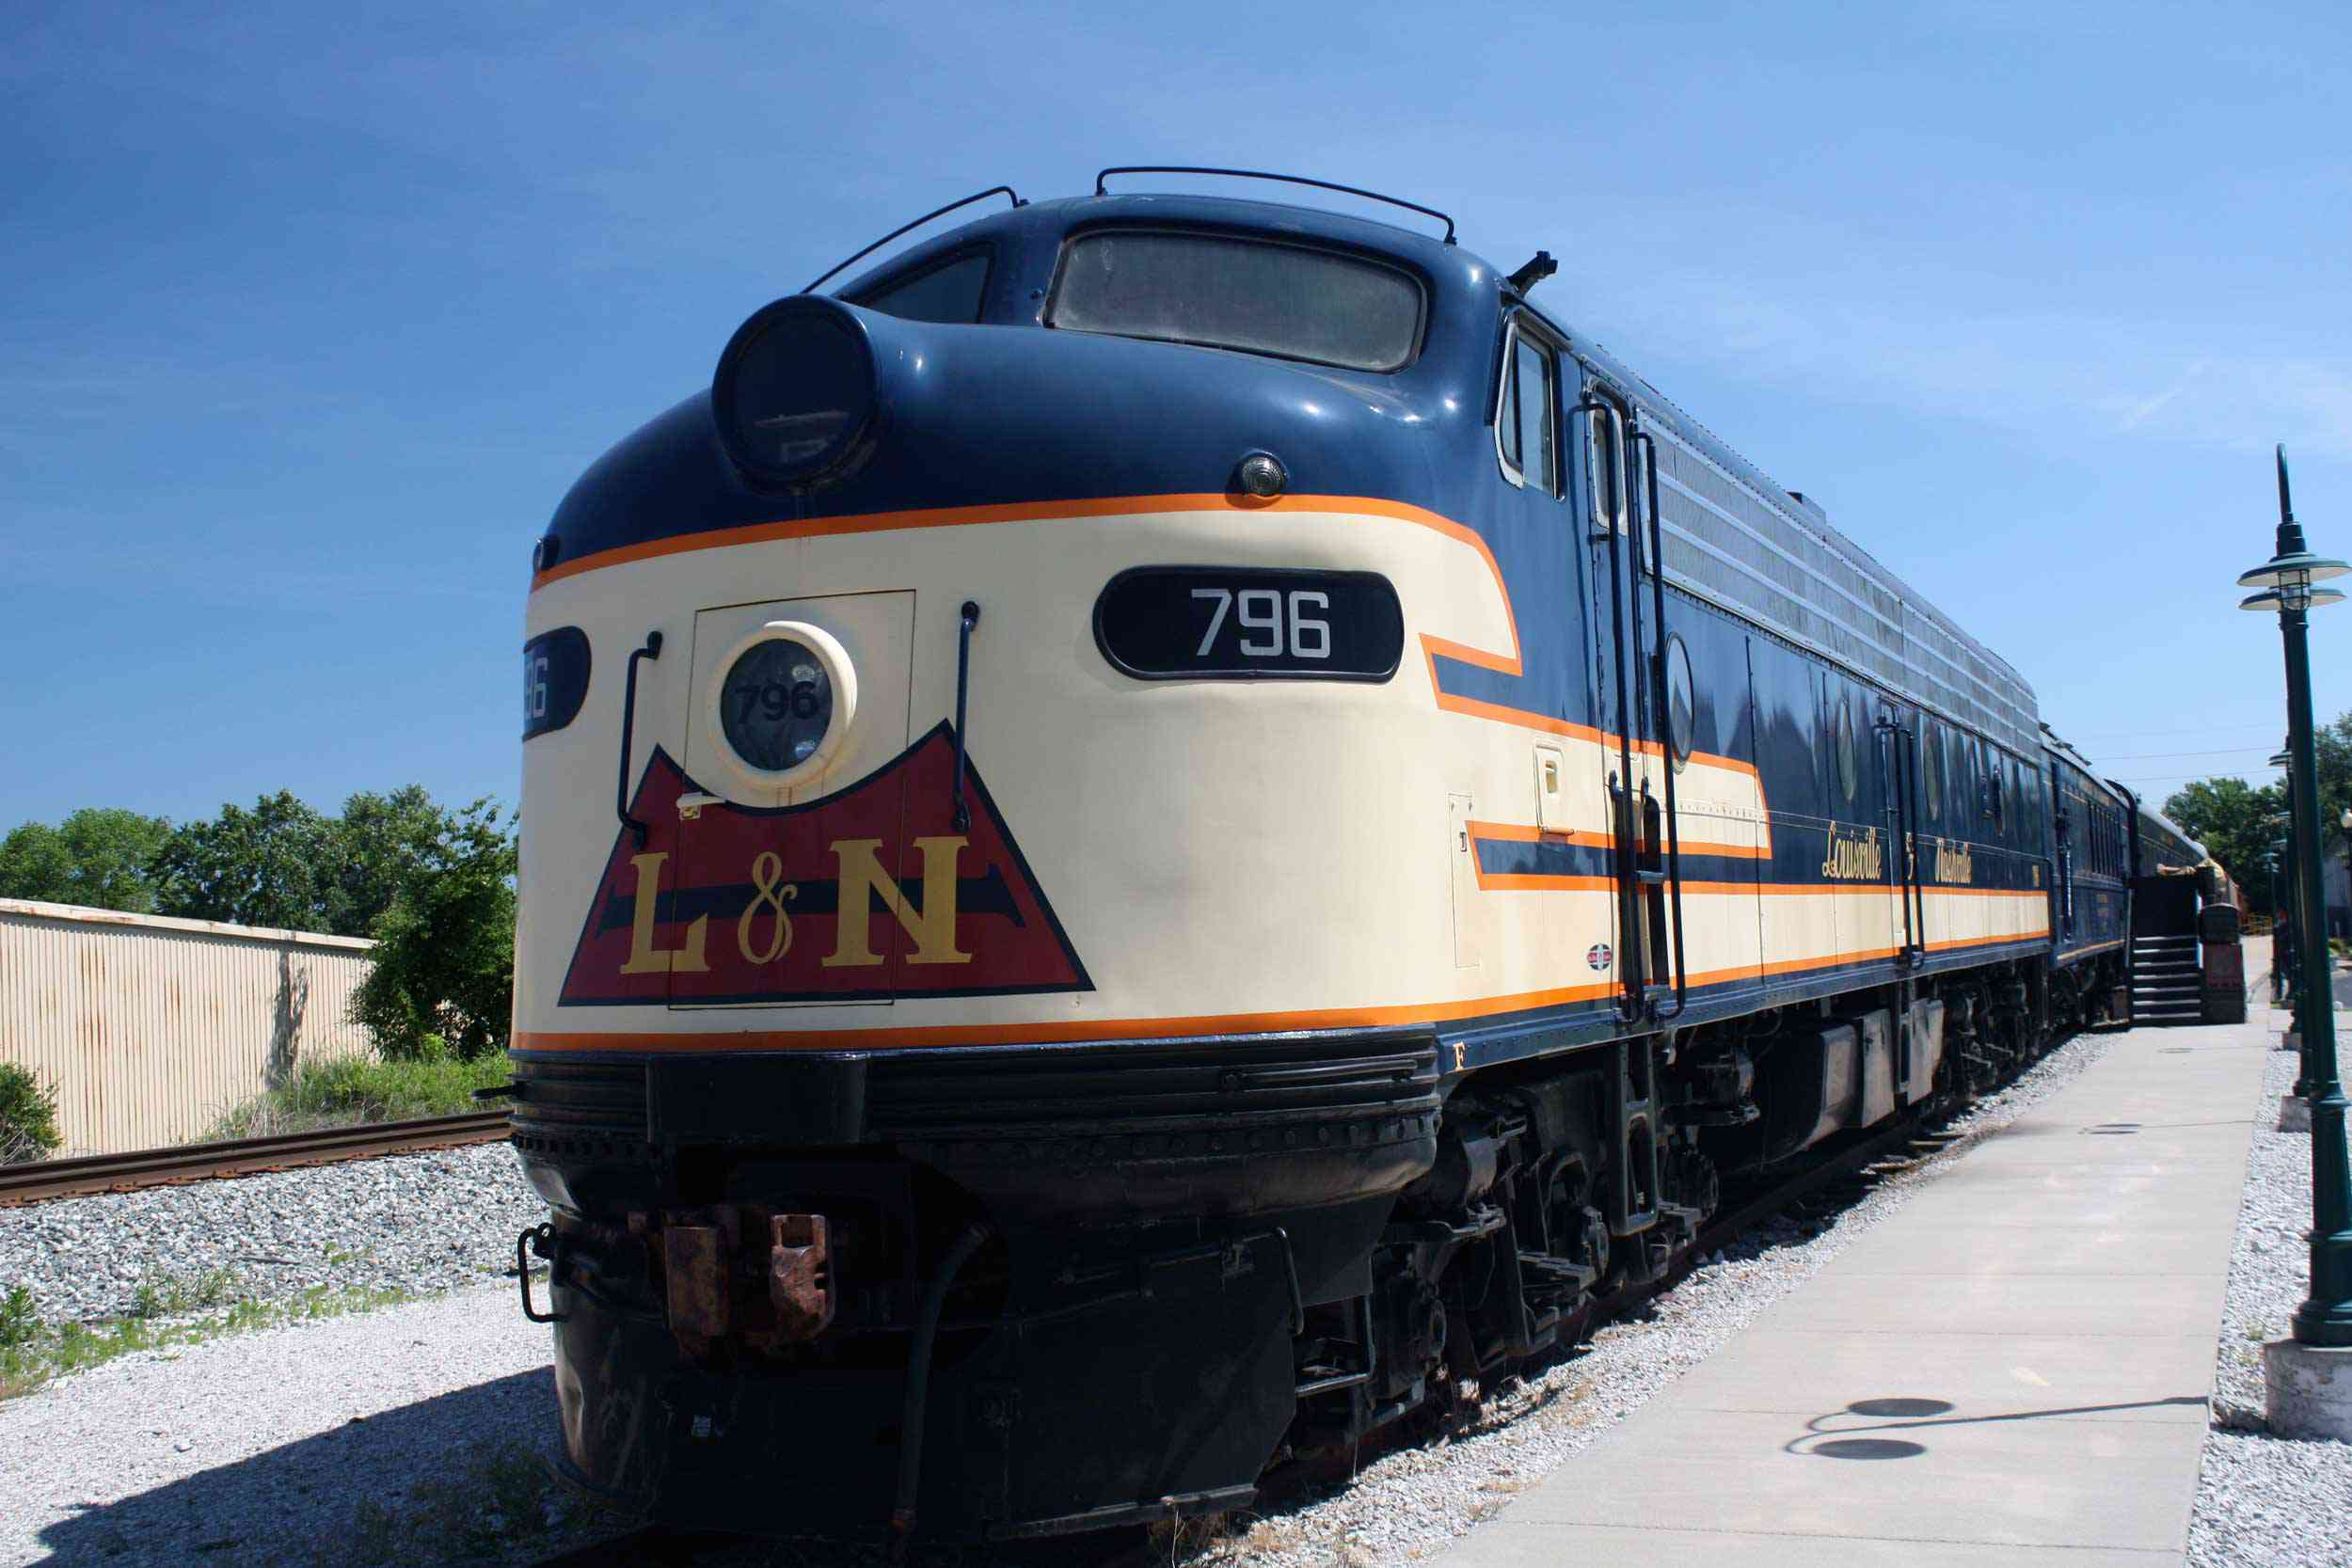 The 796 E-8 Locomotive